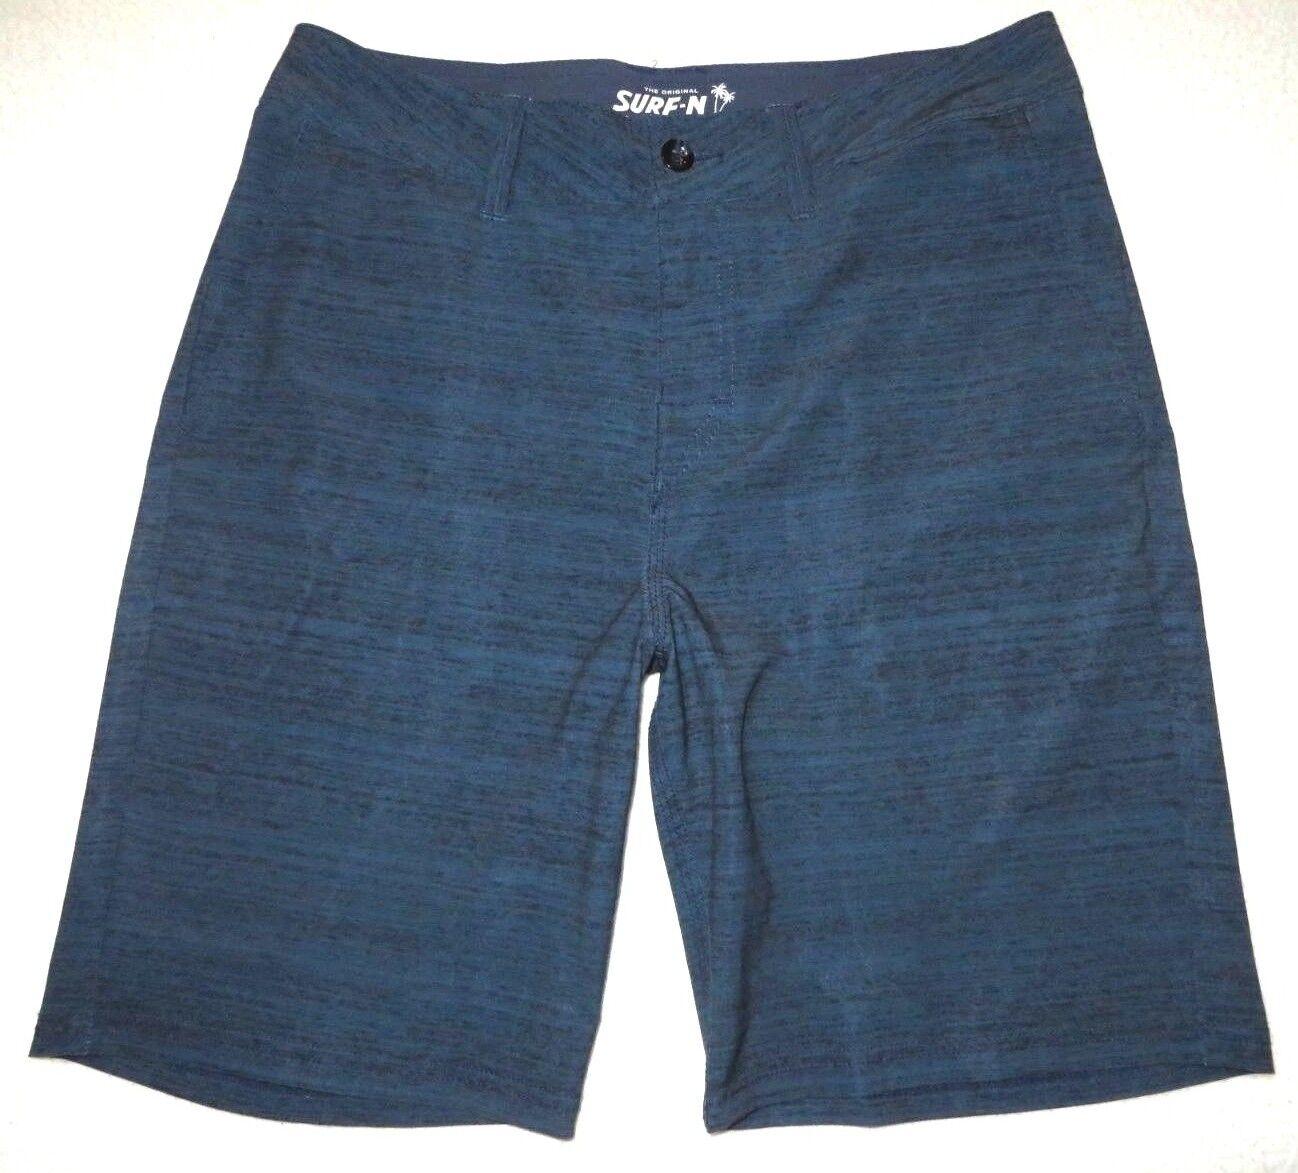 New Vans Mens Jalama Surf n Shorts Hybrid 20  Walk Shorts Boardshorts 32